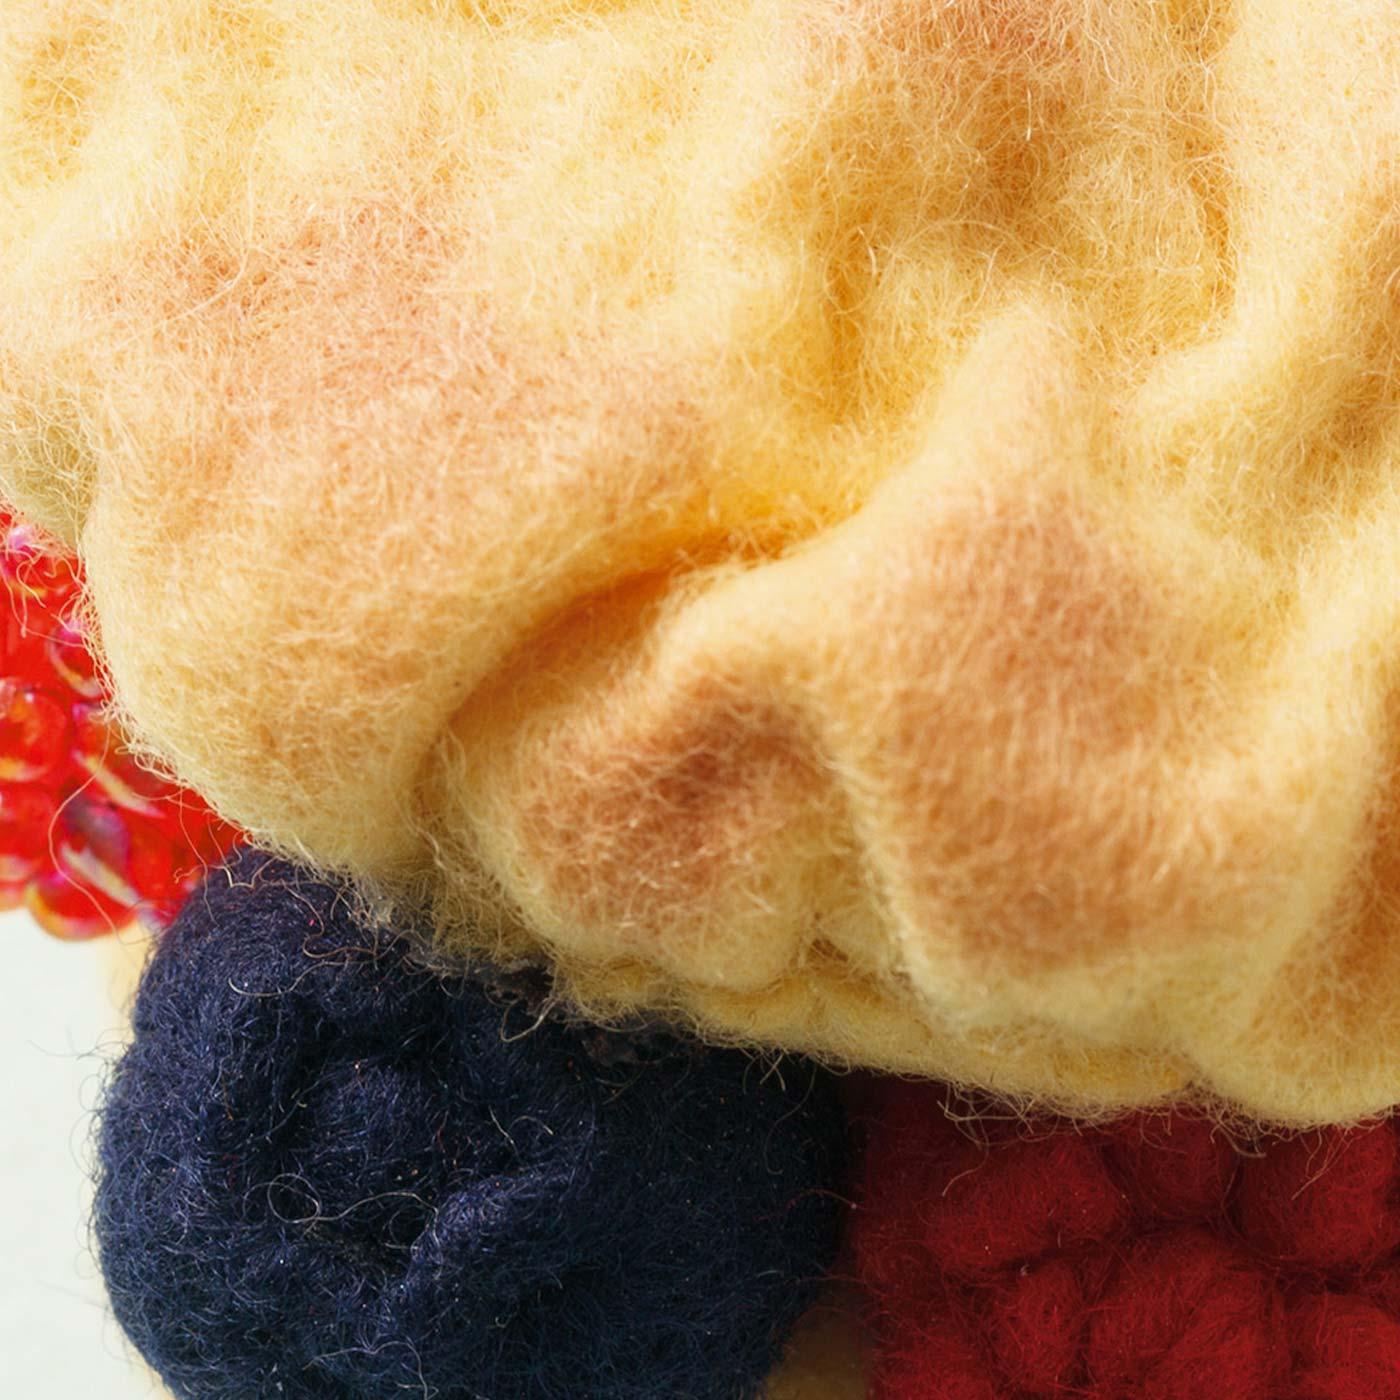 4ヵ月目[糸を引きしぼって作るフルーツやシュー]シュー生地を立体的に表現。